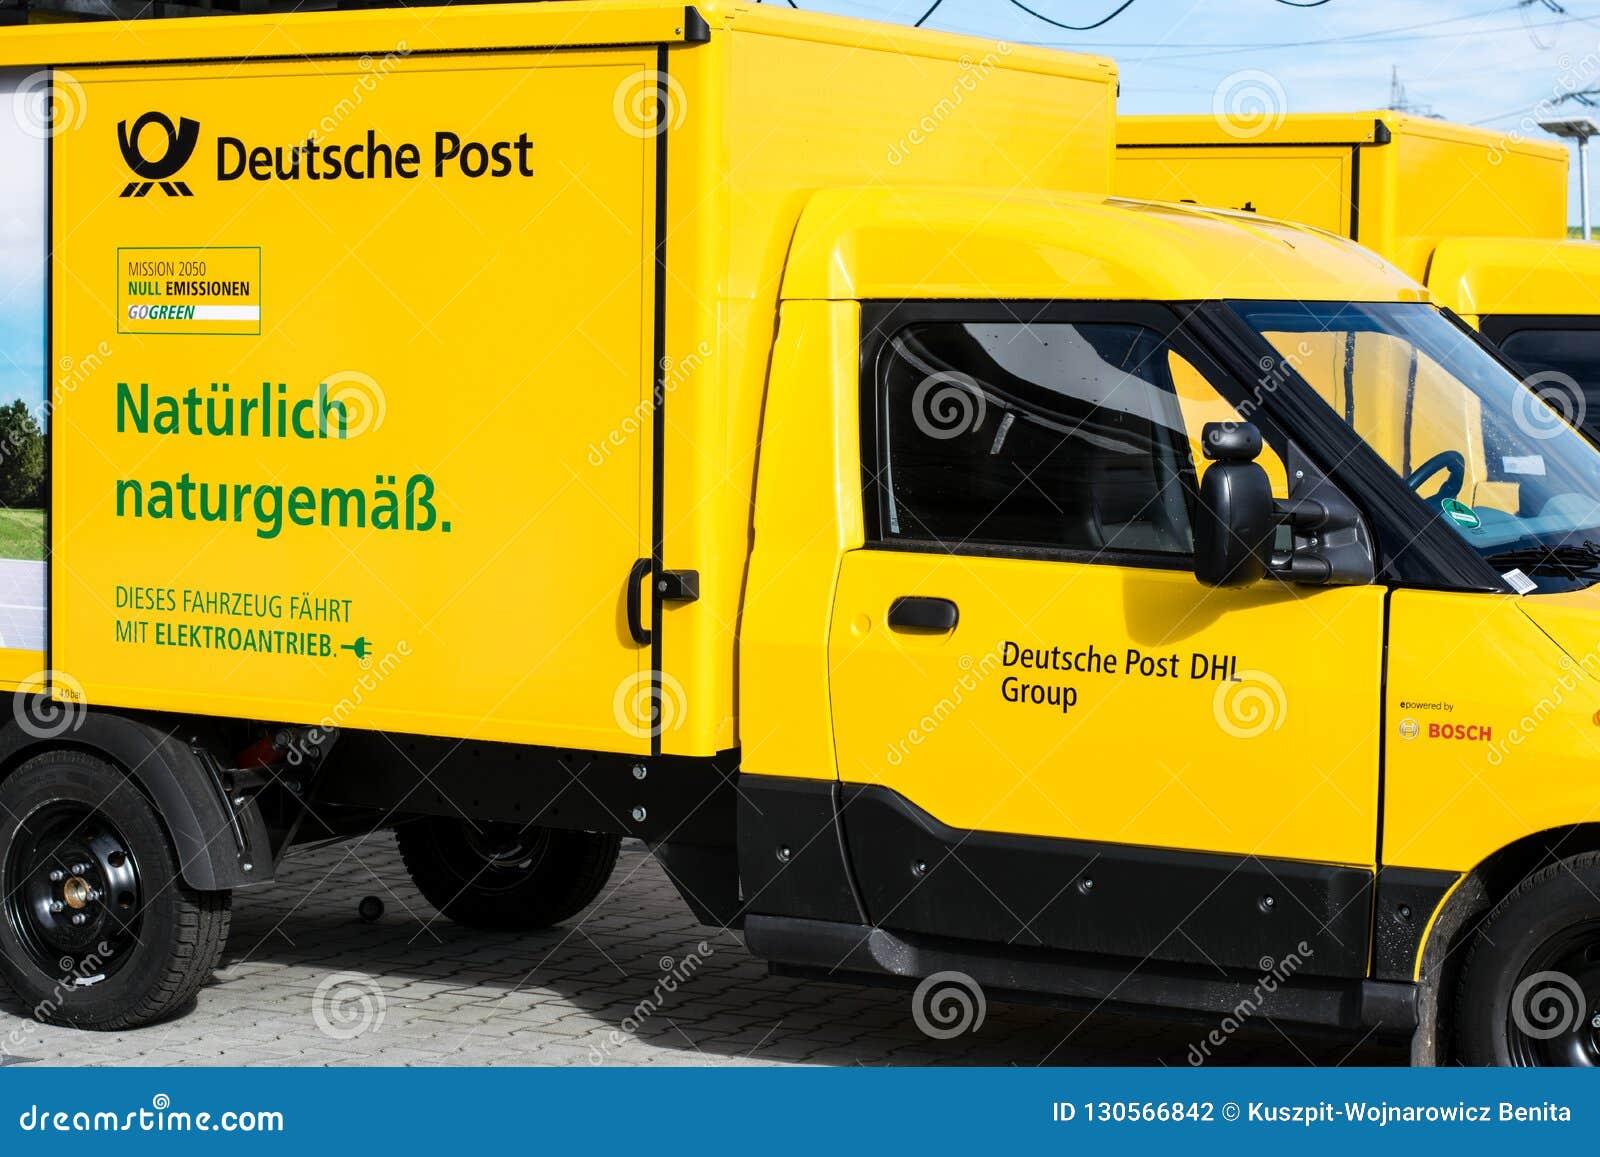 Γερμανική ταχυδρομική επιχείρηση πριν από τις διακοπές και τις ελλείψεις προσωπικού